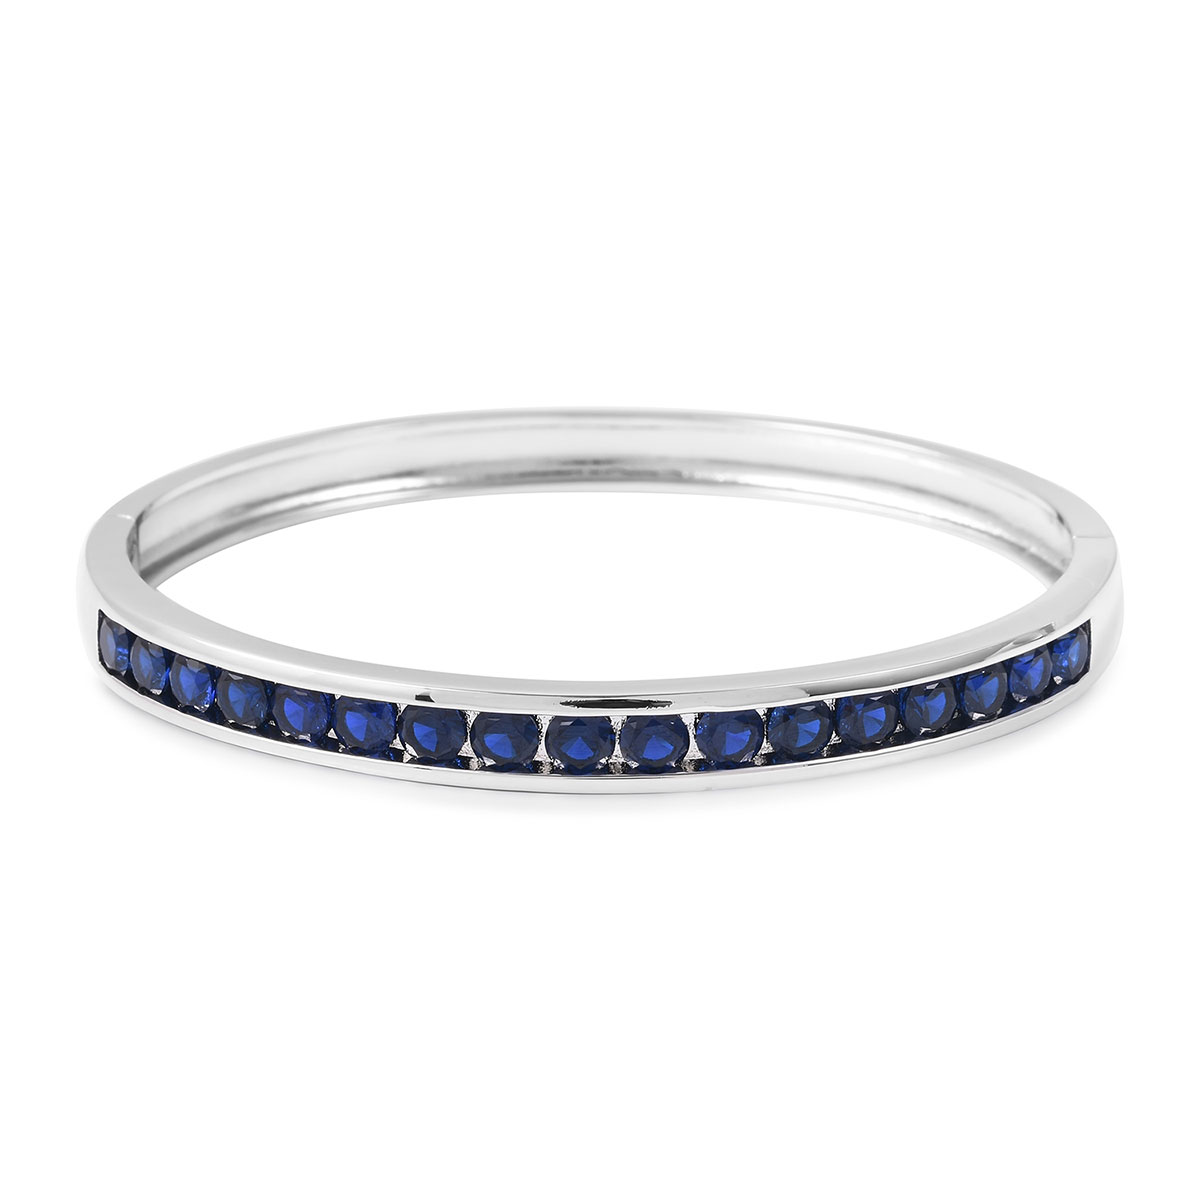 Blue CZ Bangle Bracelet in Silvertone (8 in) 5.10 ctw